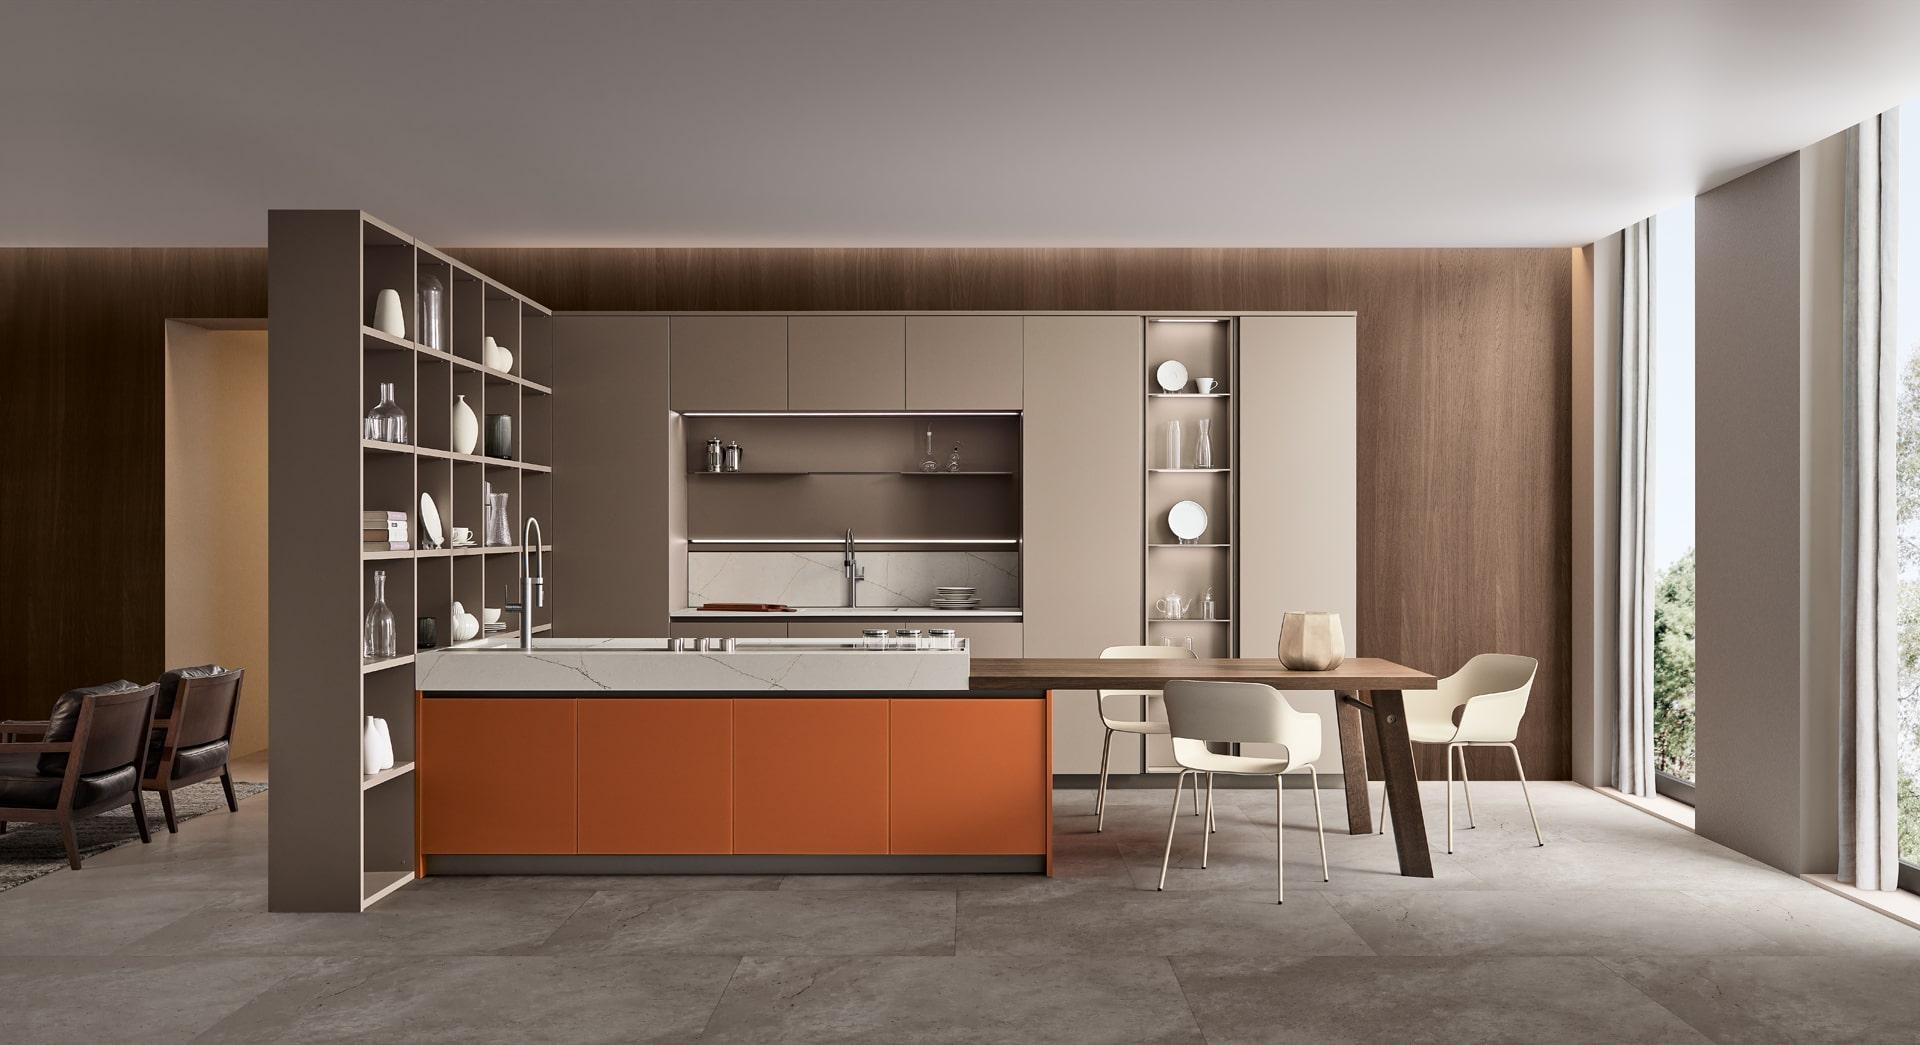 cuisine-modèle-Lounge